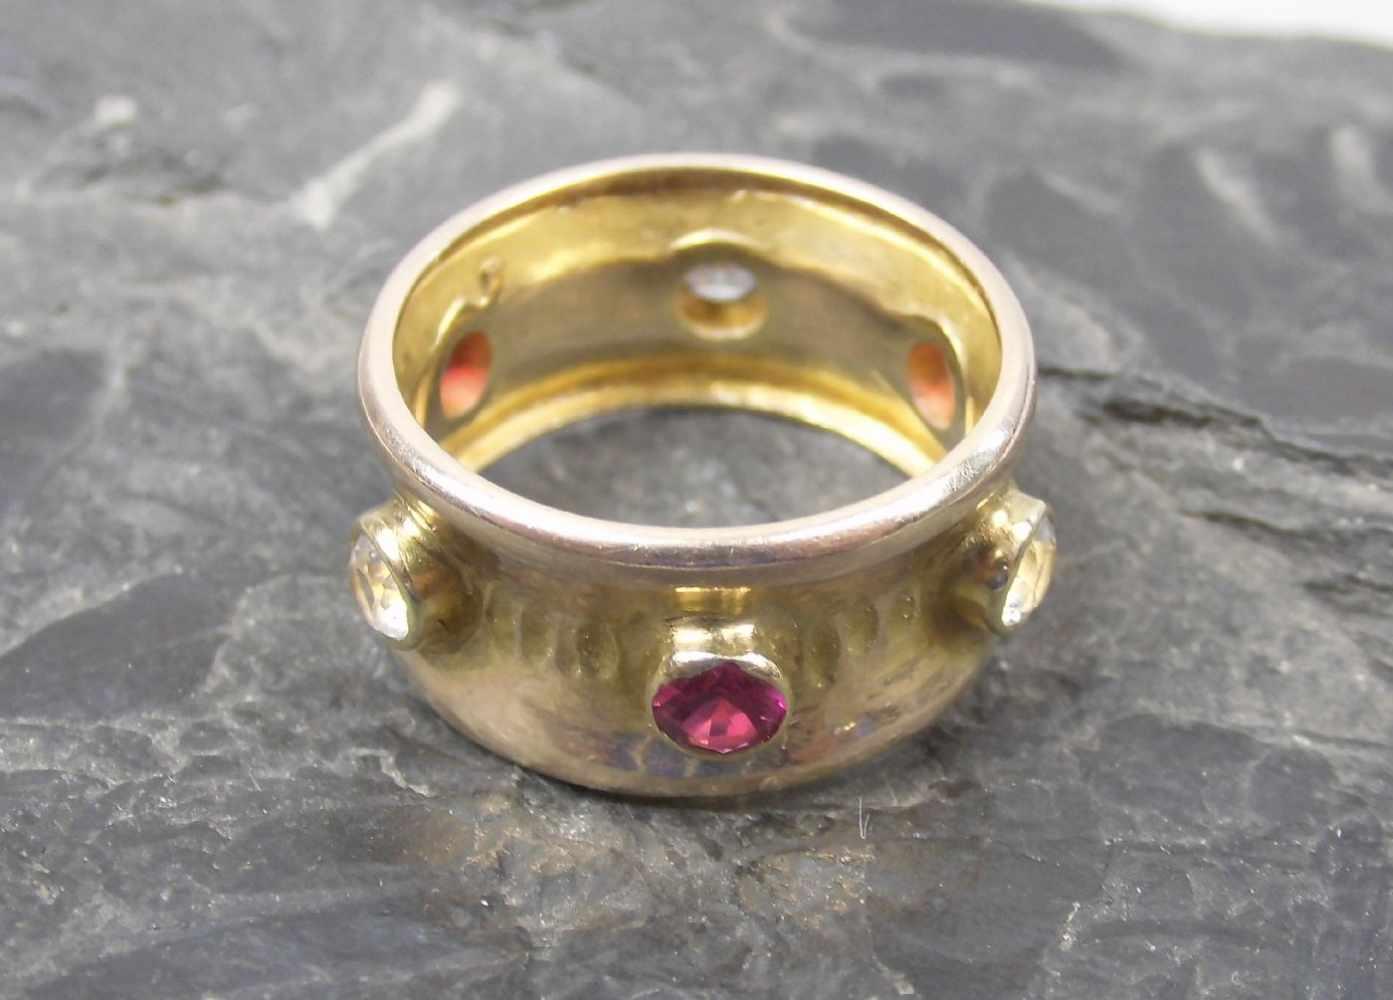 Lot 26 - RING, 333er Gelbgold (getestet, 5,8 g), breite Ringschiene besetzt mit Rubinen und weißen Safiren.